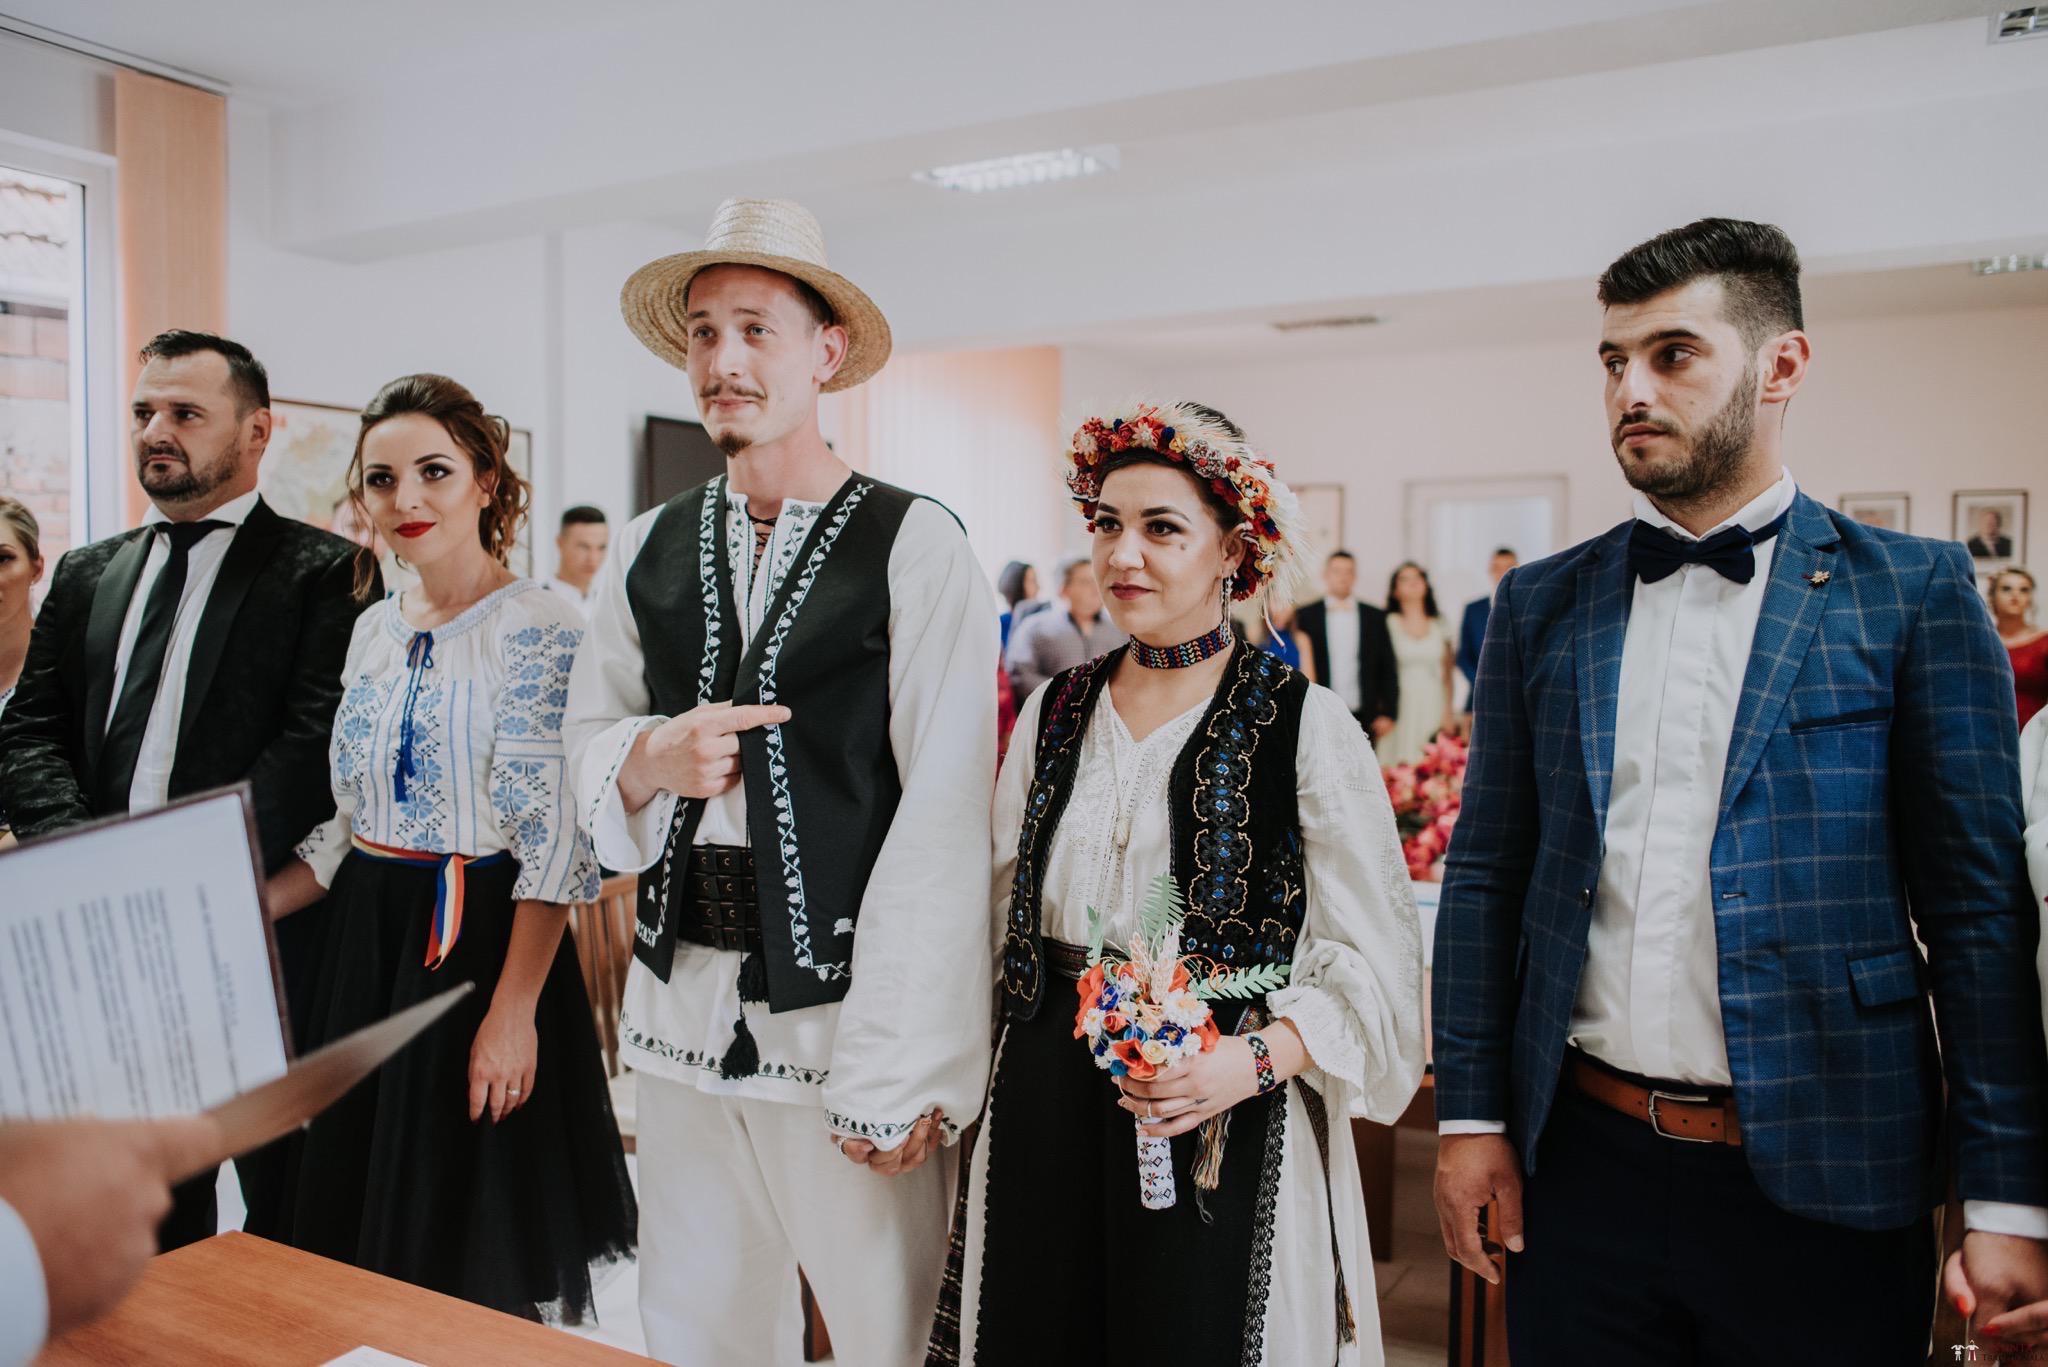 Povești Nunți Tradiționale - Silvia și Adrian. Nuntă tradițională în Ghighișeni, Bihor 31